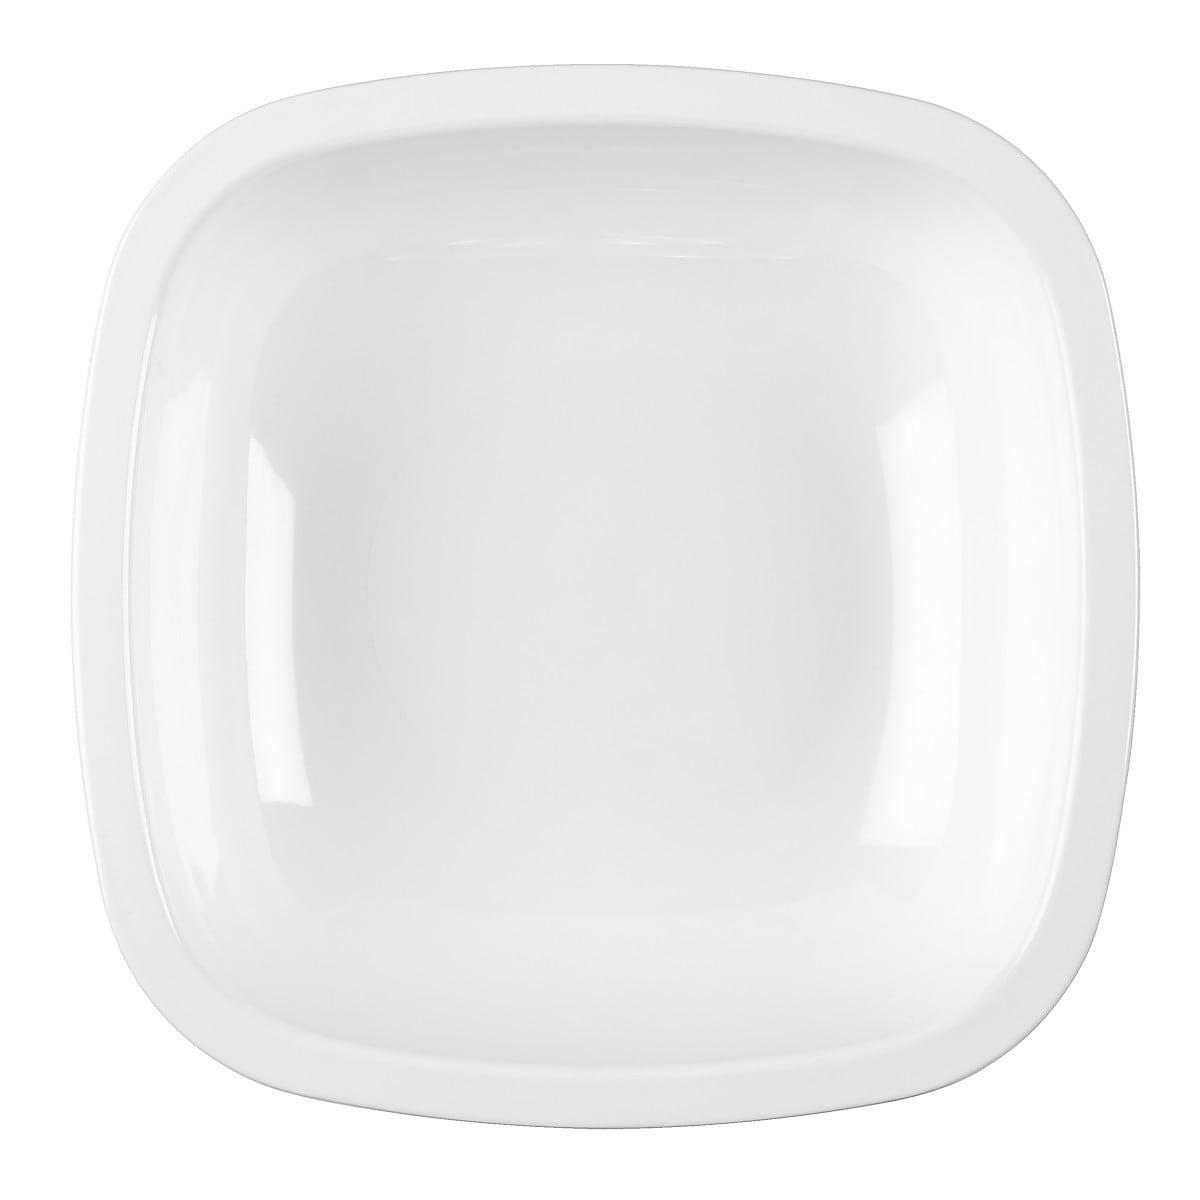 18 cm Plastic Bowl